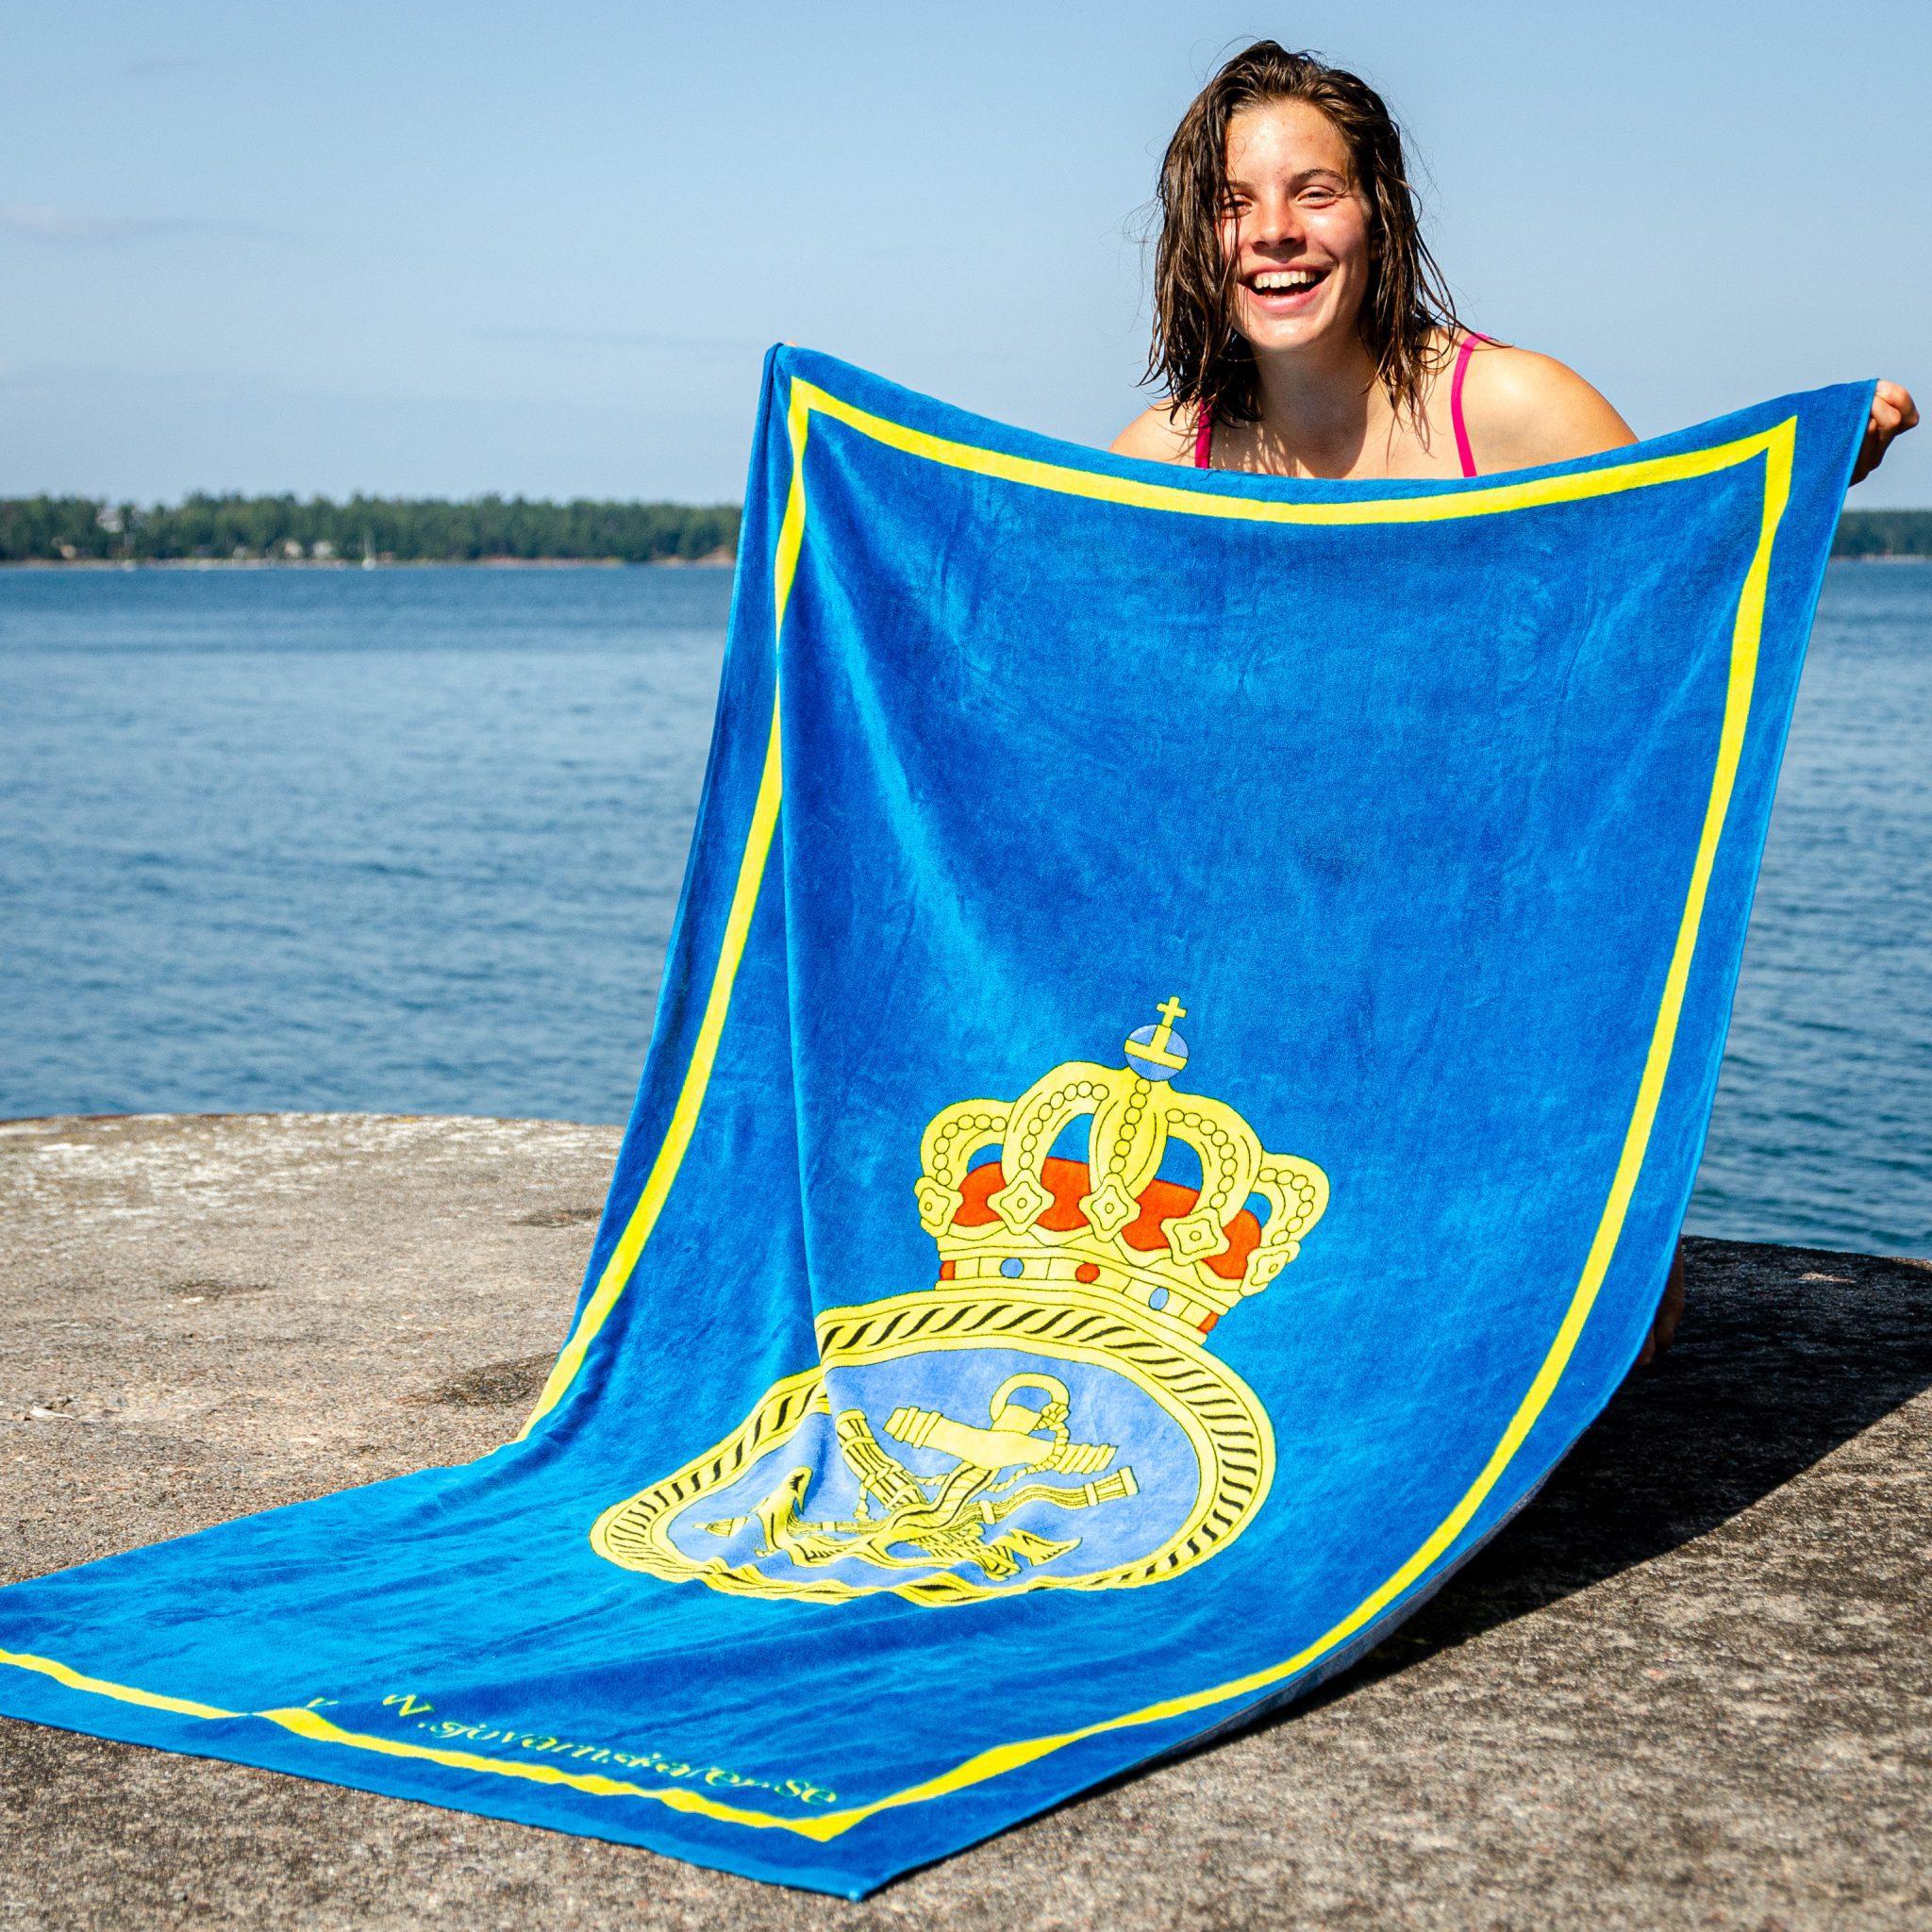 Stort härligt badlakan 100 x 180 cm med Sjövärnskårens emblem och texten www.sjovarnskaren.se i nedre högra hörnet.